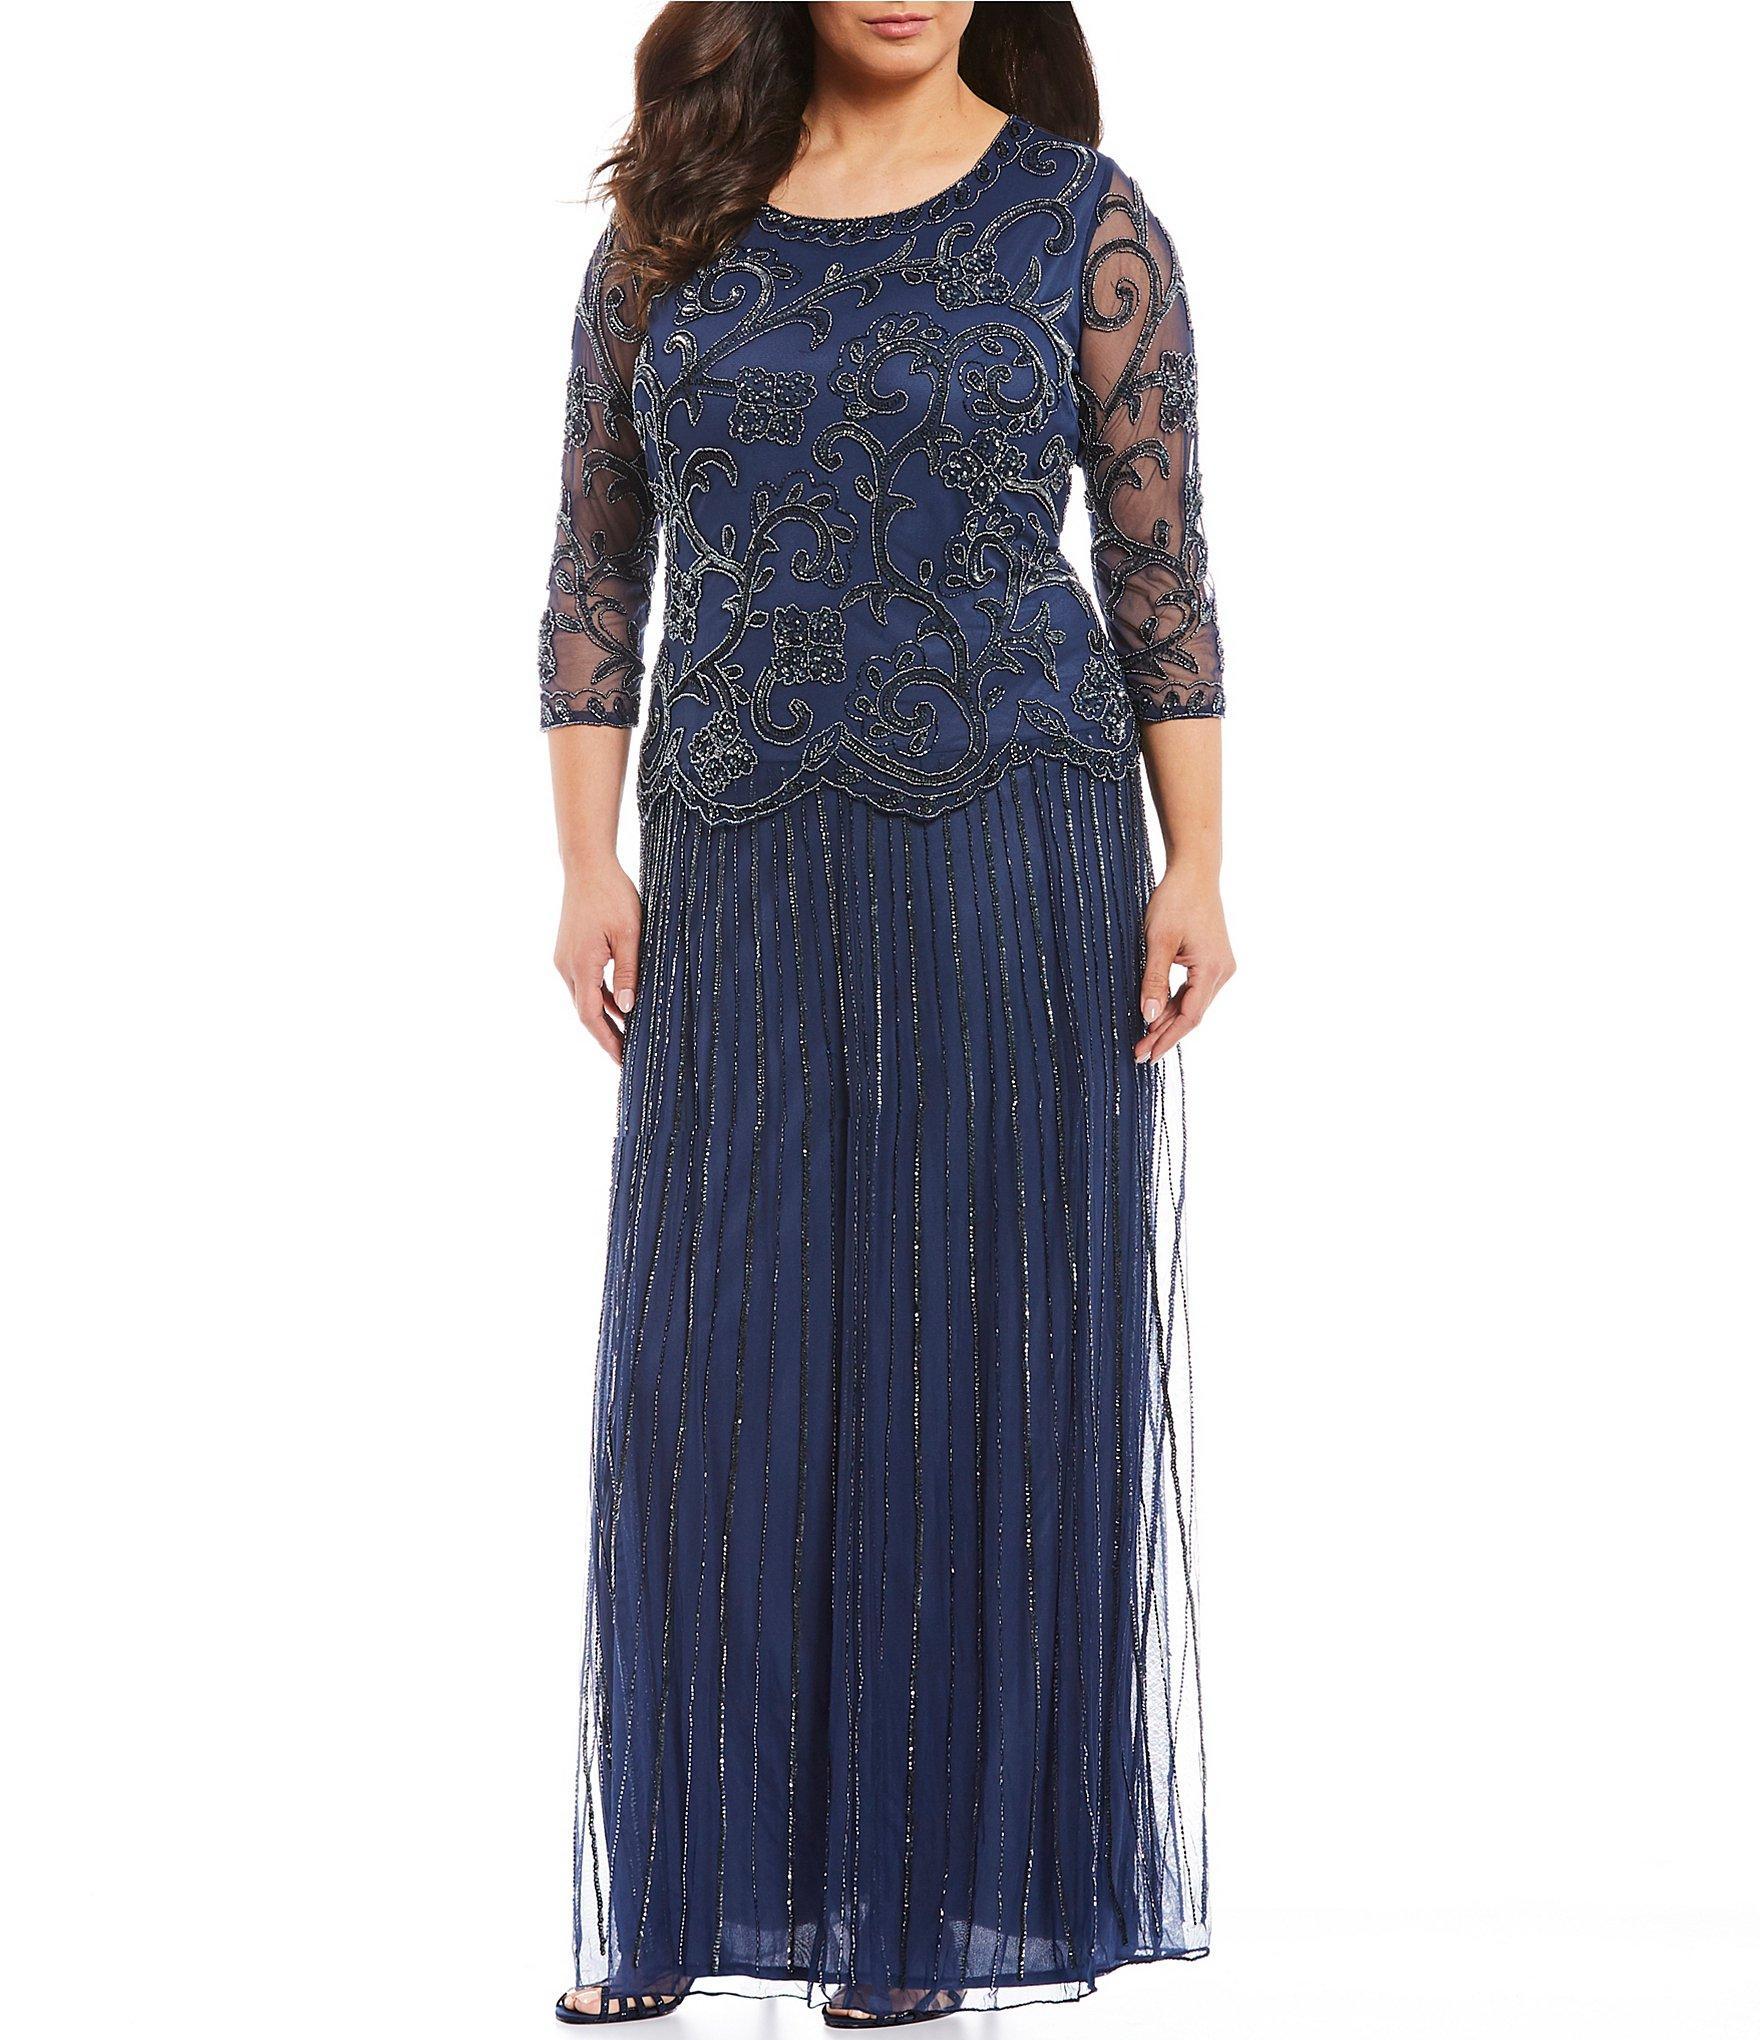 5e36c0a4773 Lyst - Pisarro Nights Plus Size Beaded Mock Two-piece Dress in Blue